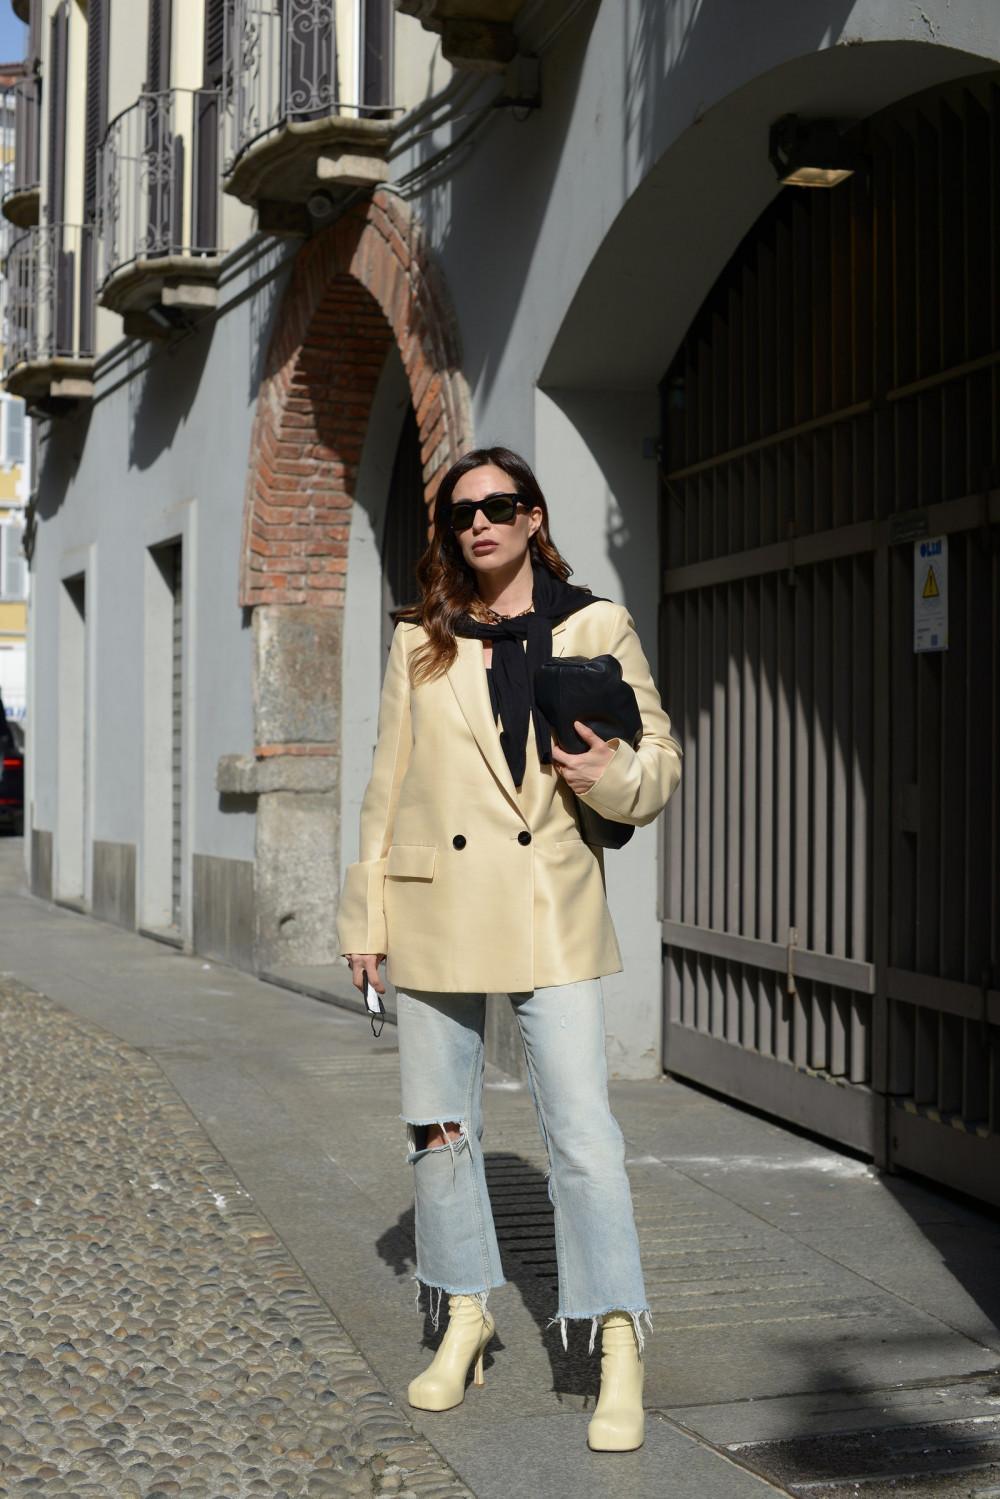 Nâng tầm một chiếc quần jean rách nhẹ với áo khoác nỉ trơn và một đôi boot cao gót, giúp phái đẹp trông thời thượng và sành điệu hơn. Sẽ là điểm cộng tuyệt vời nếu các bạn lựa chọn màu sắc phối đồ hài hòa và đừng quên kết hợp với các phụ kiện nữ tính như túi xách clutch và vòng cổ.